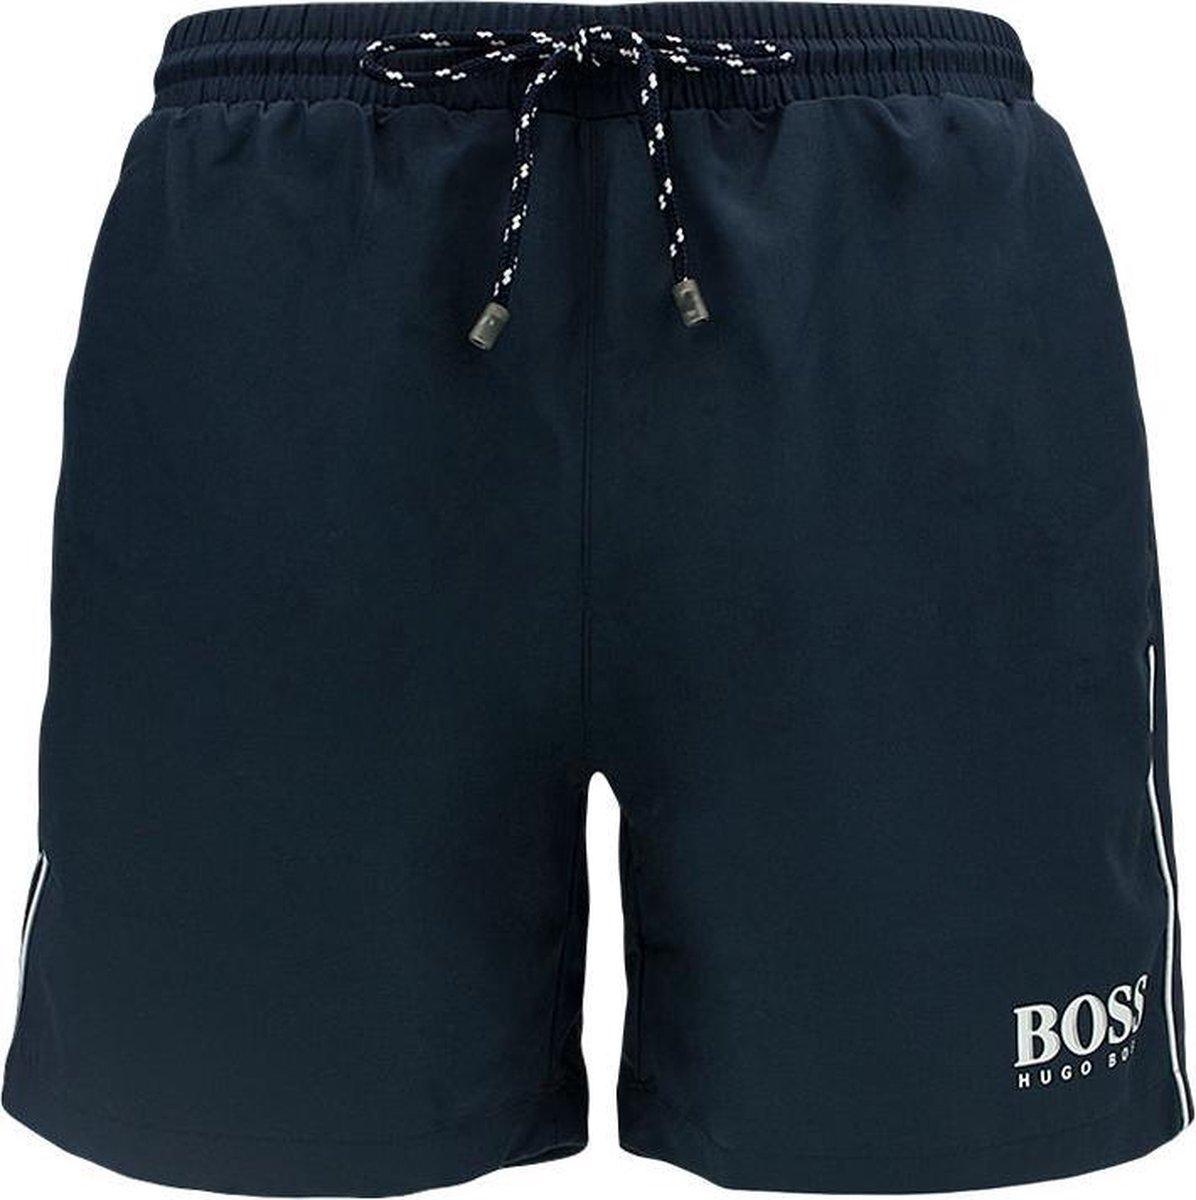 Hugo Boss Zwembroek Starfish Short Heren - Donkerblauw - L - Hugo Boss